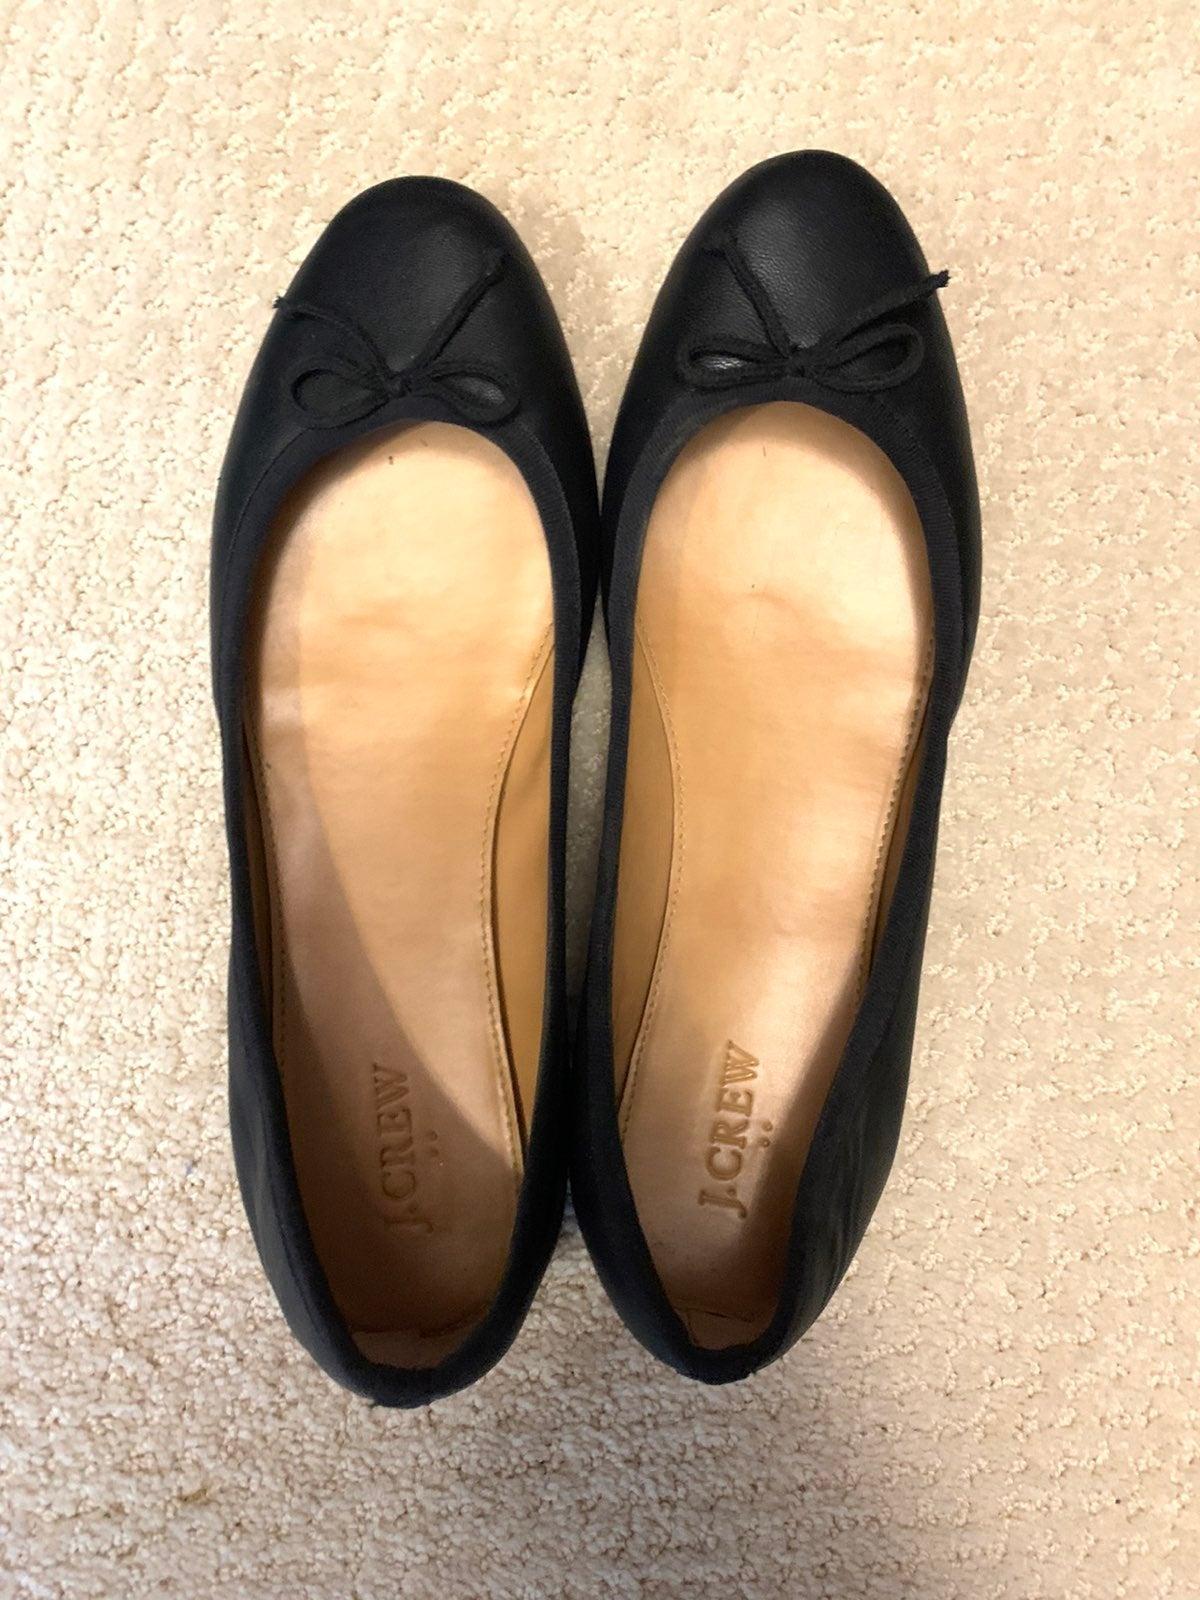 NWOT Jcrew Brenna Black Ballet Flats